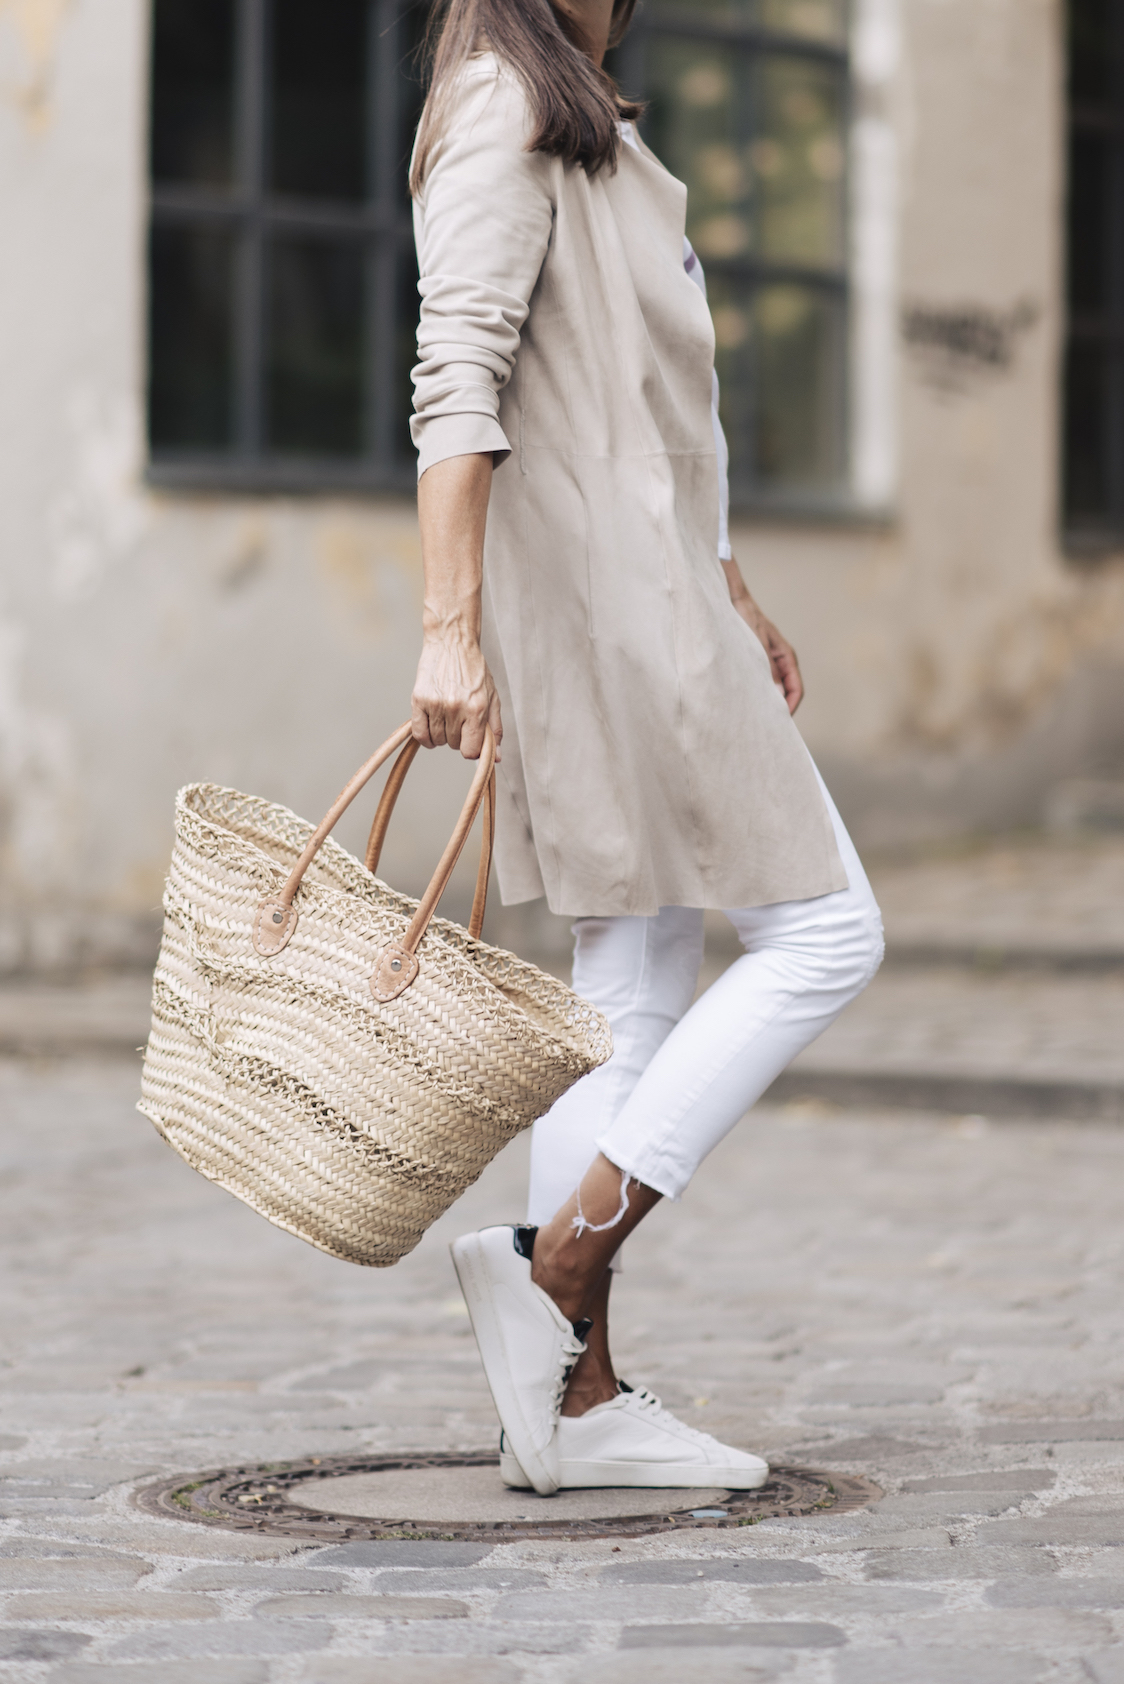 BeFifty Blog für Frauen über 40 und ab 50, Stylingtipps heller Ledermantel, weiße Jeans und weißes T-Shirt. Mode für Frauen über 40 und ab 50. Beate Finken